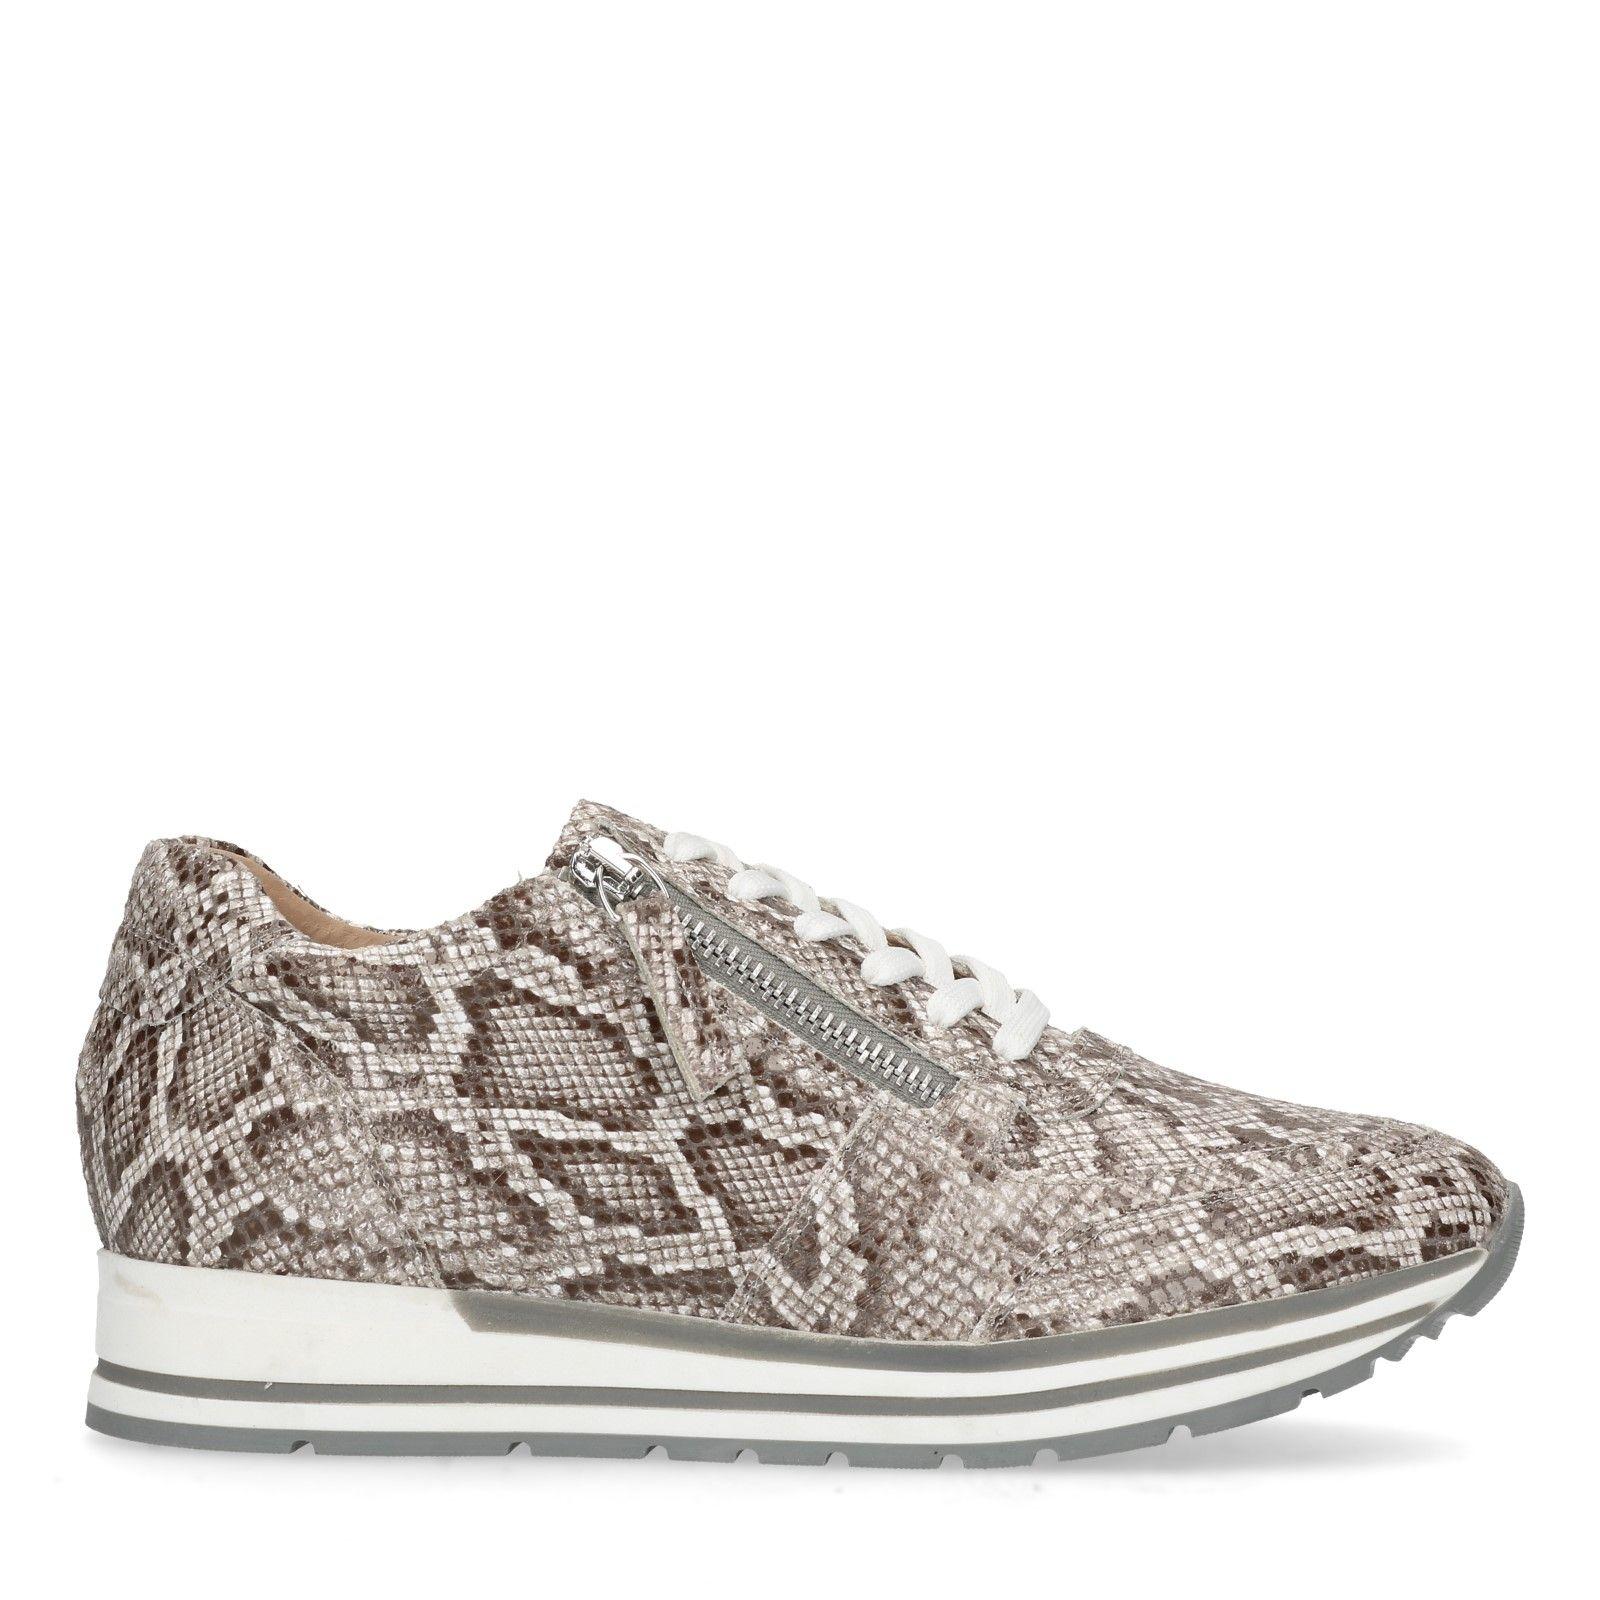 899f07ba0cf1dd Sneaker mit Schlangenmuster